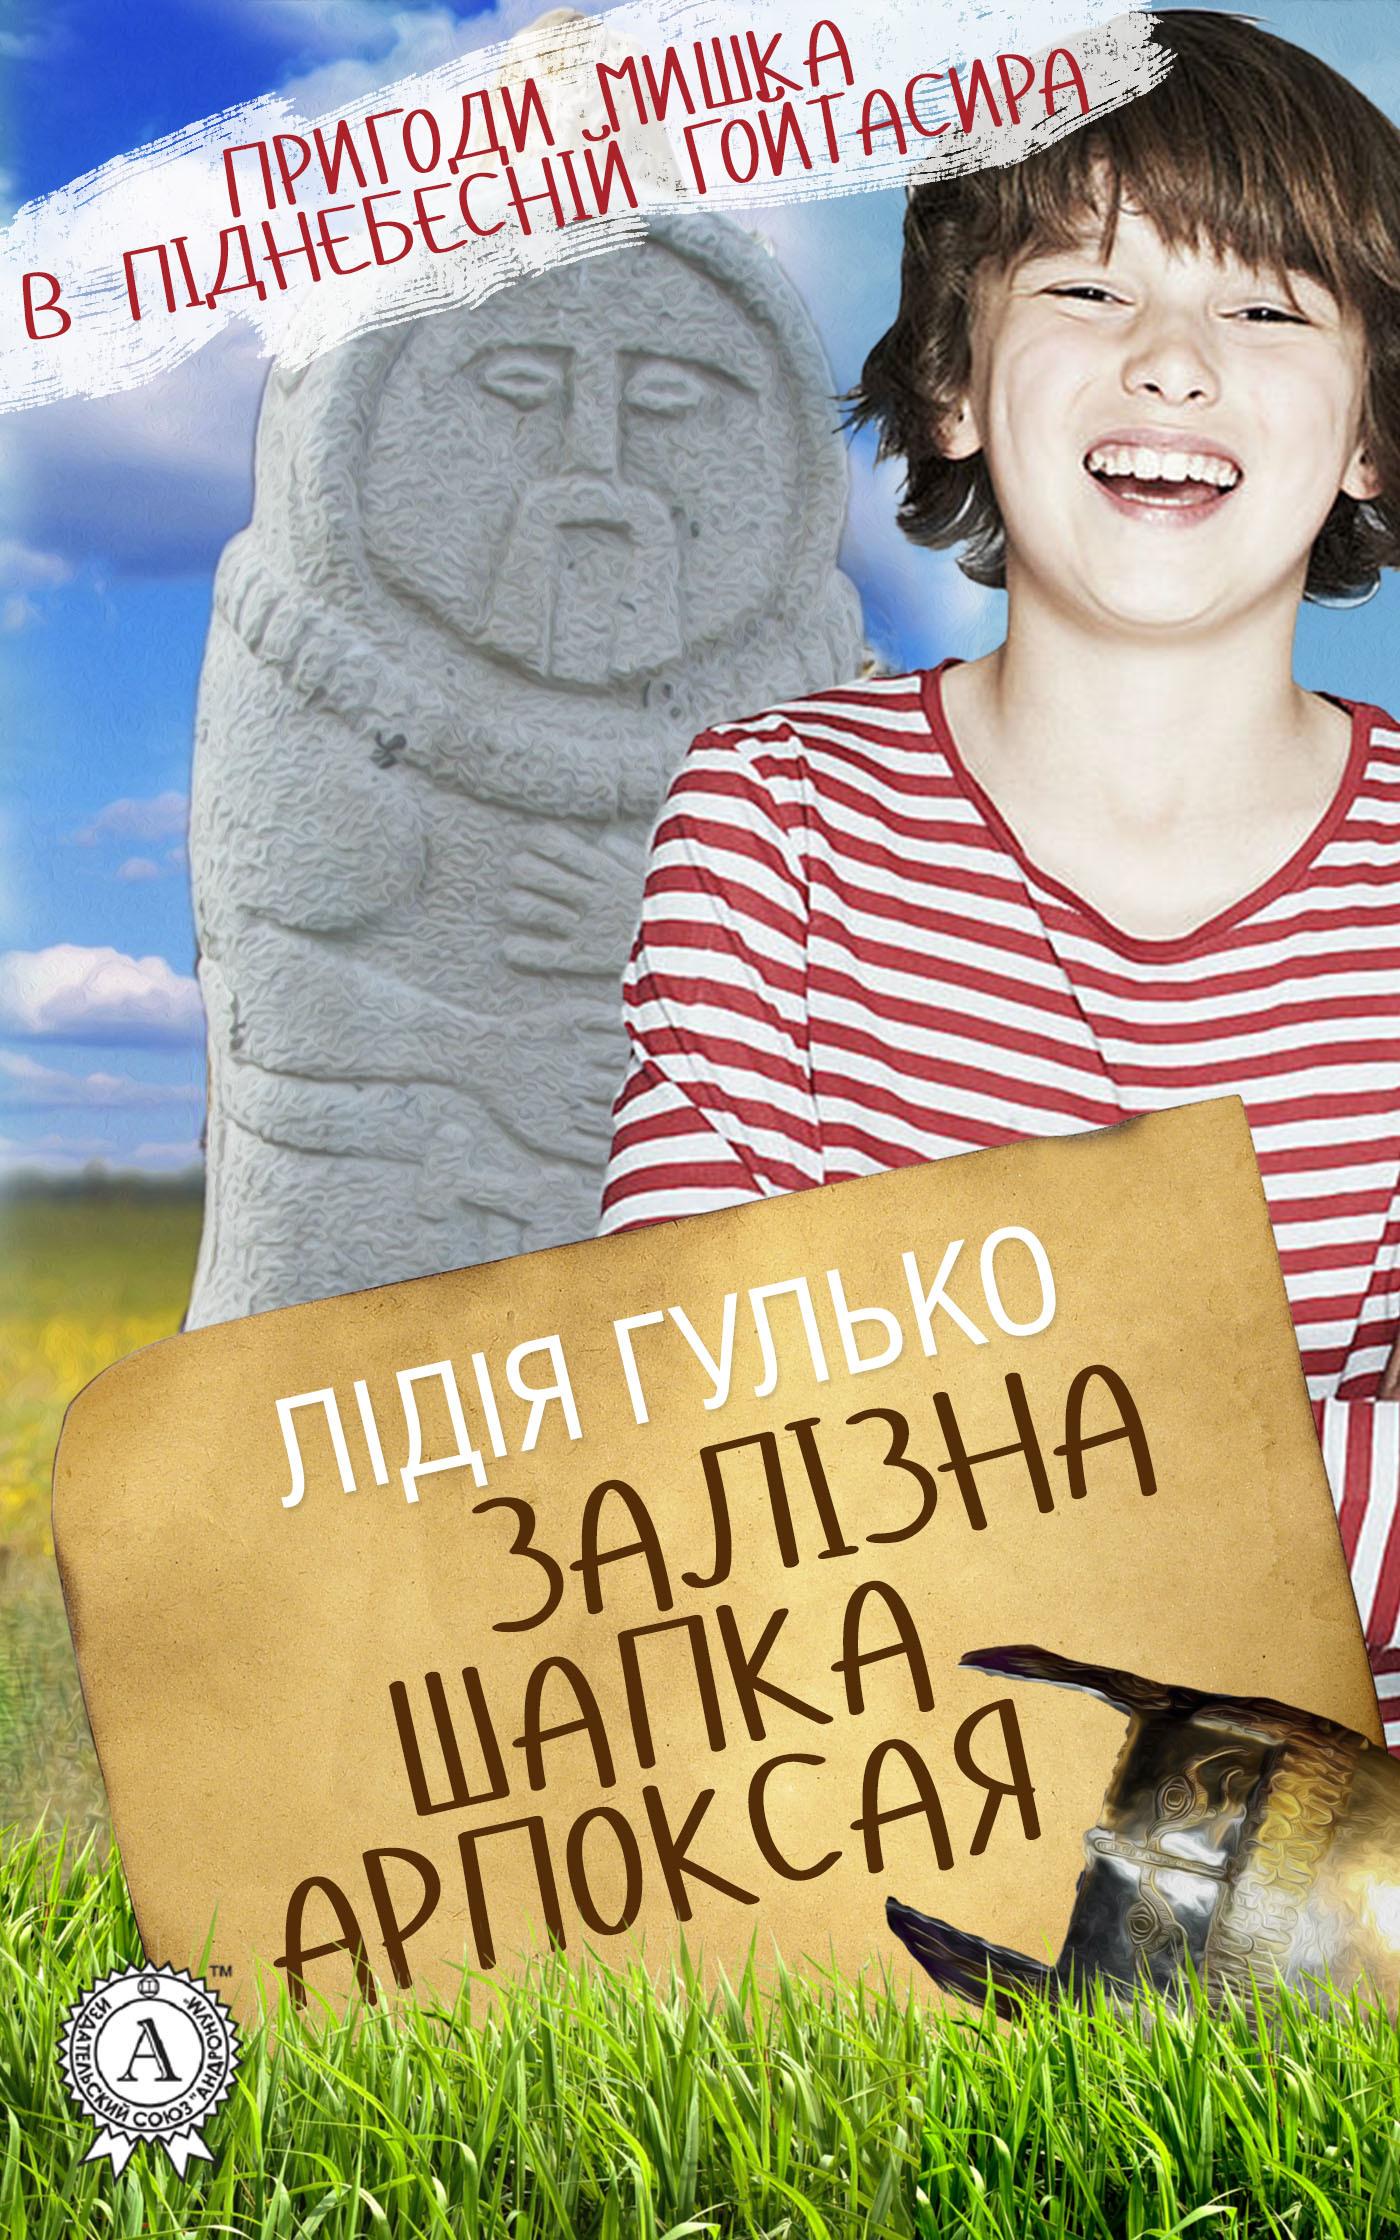 Залізна шапка Арпоксая